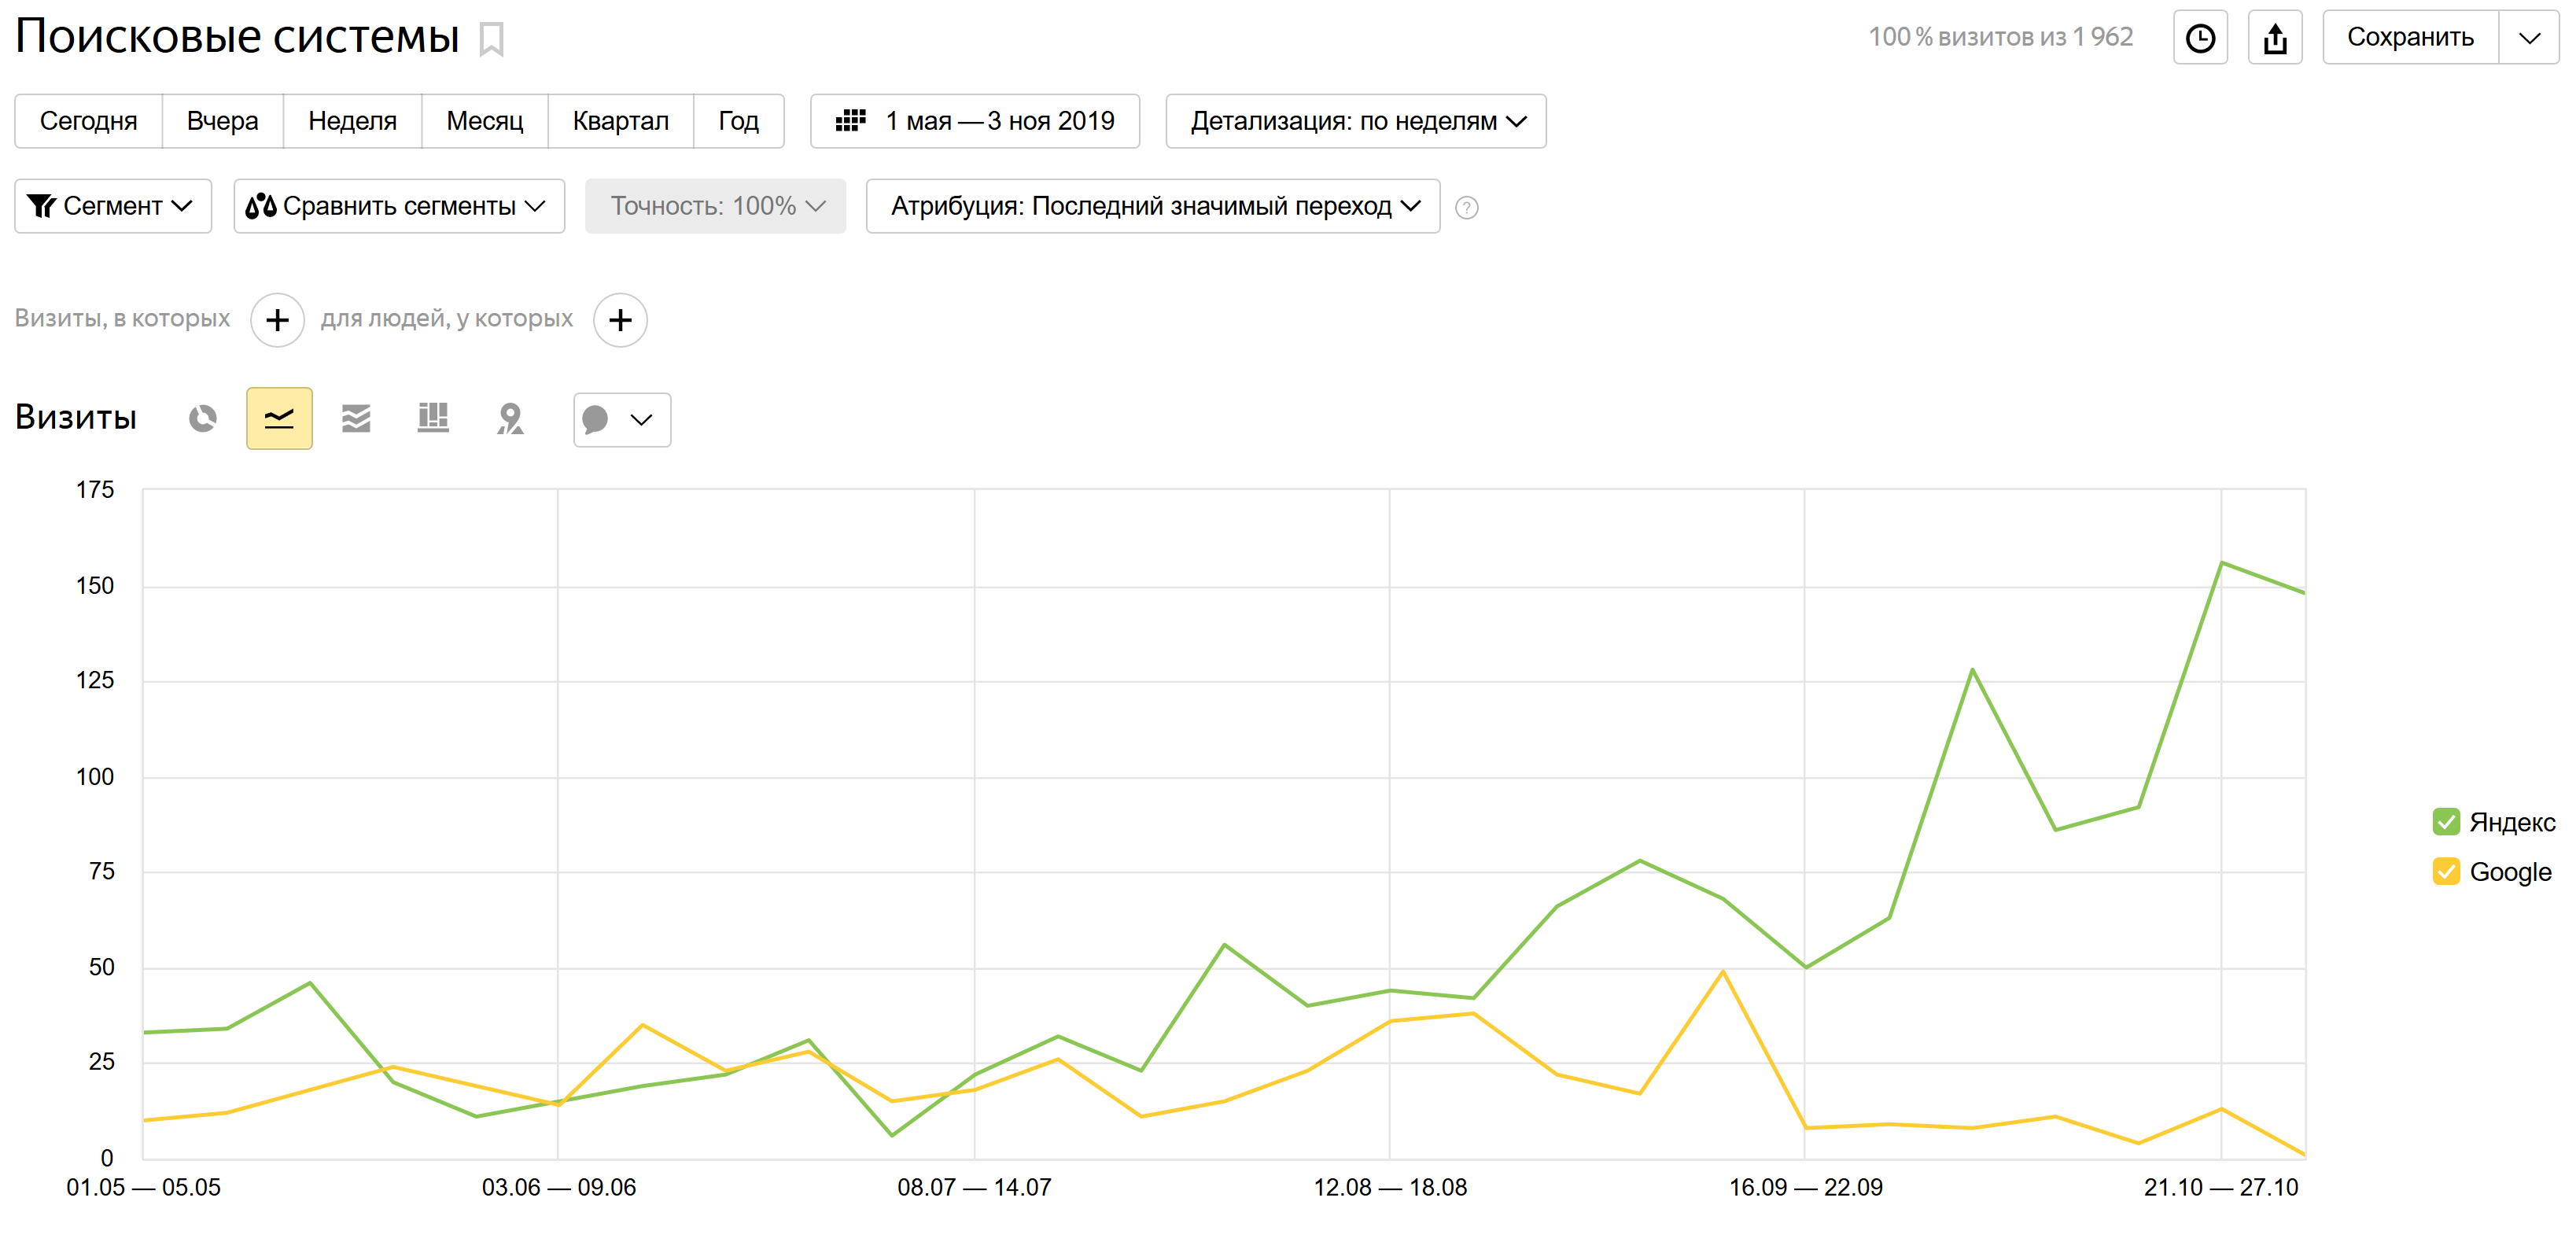 Рост трафика в Яндексе